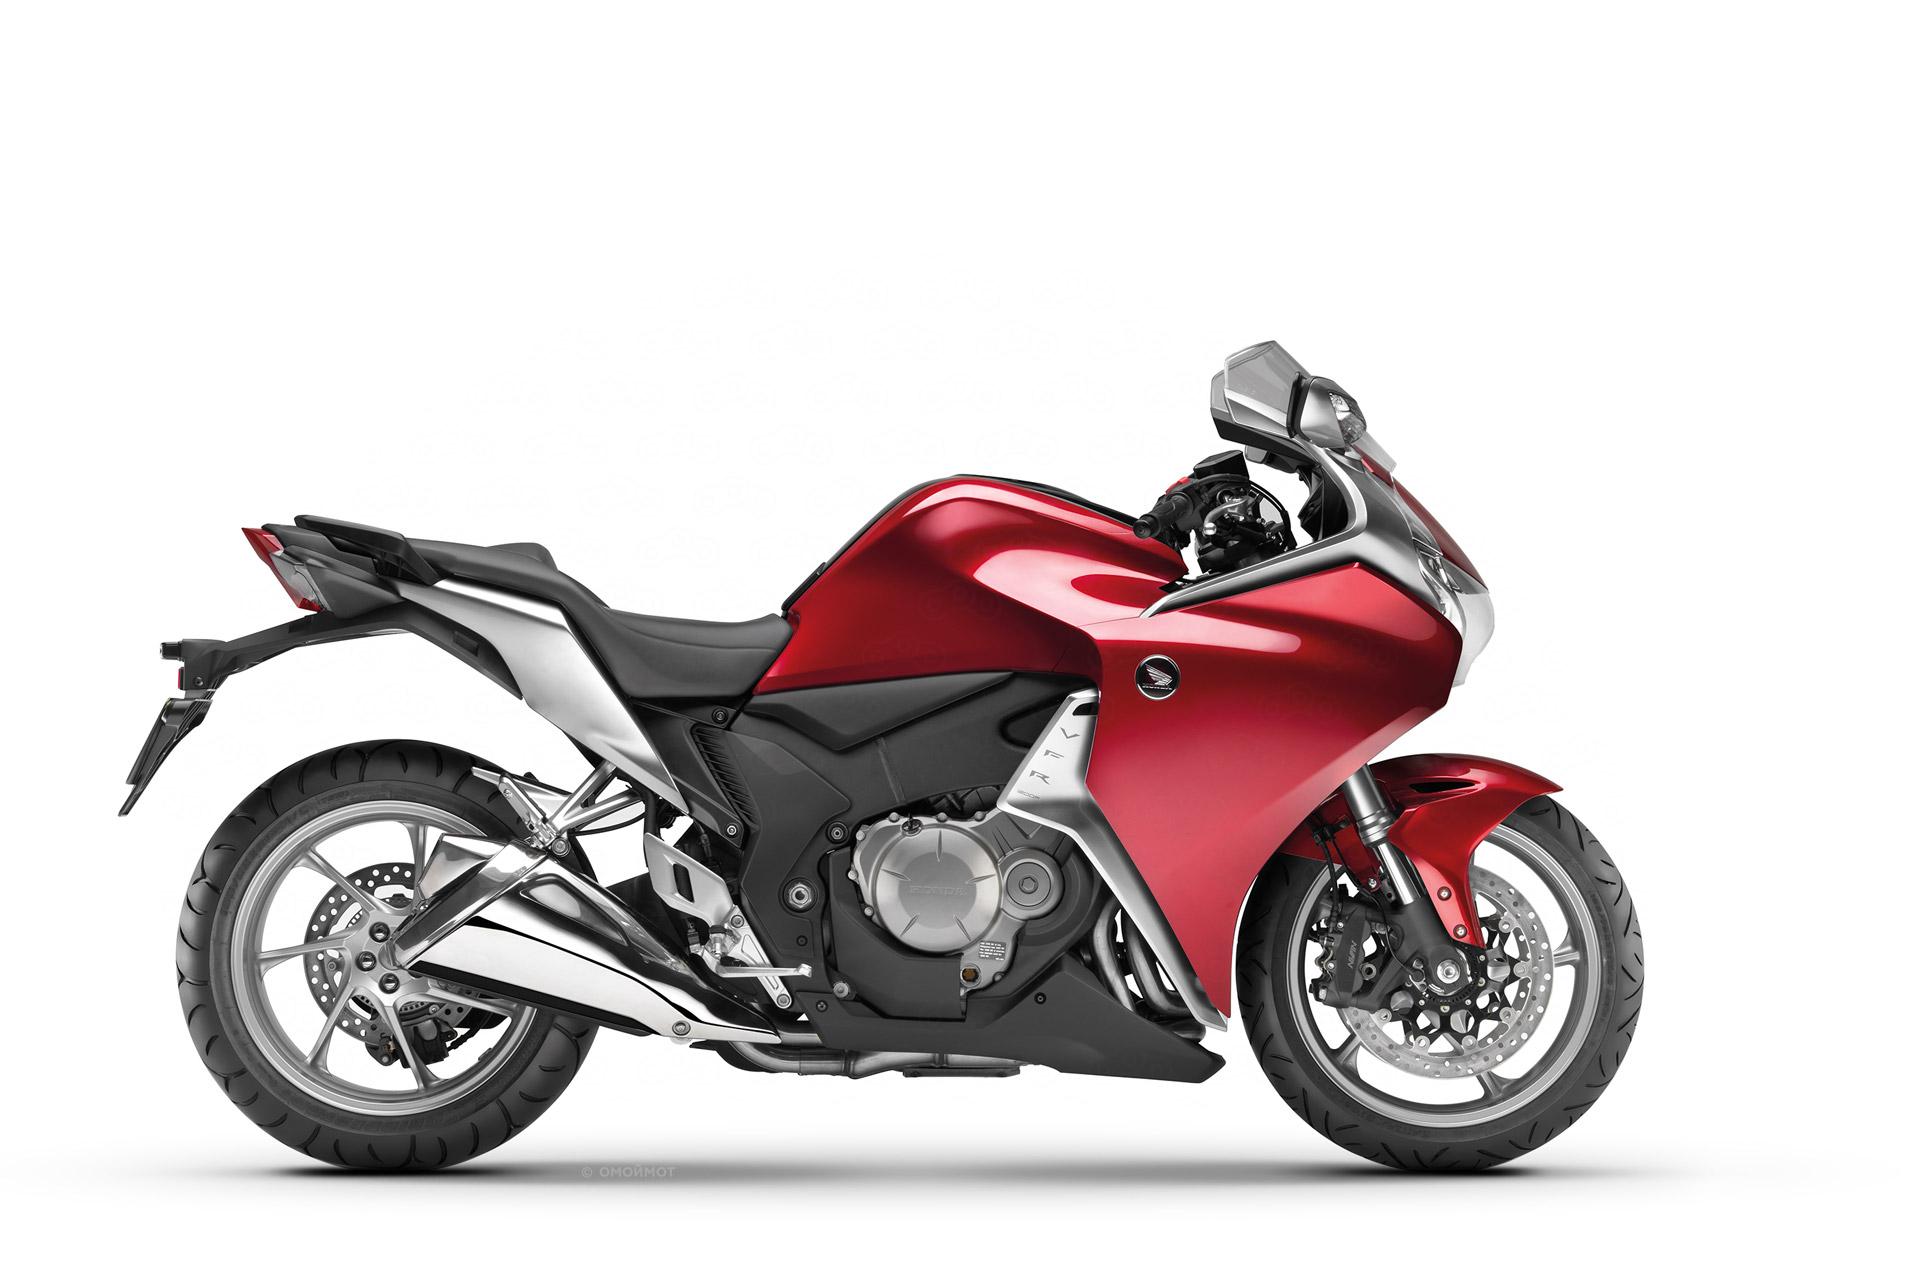 Honda VFR 1200 максимальная скорость #6